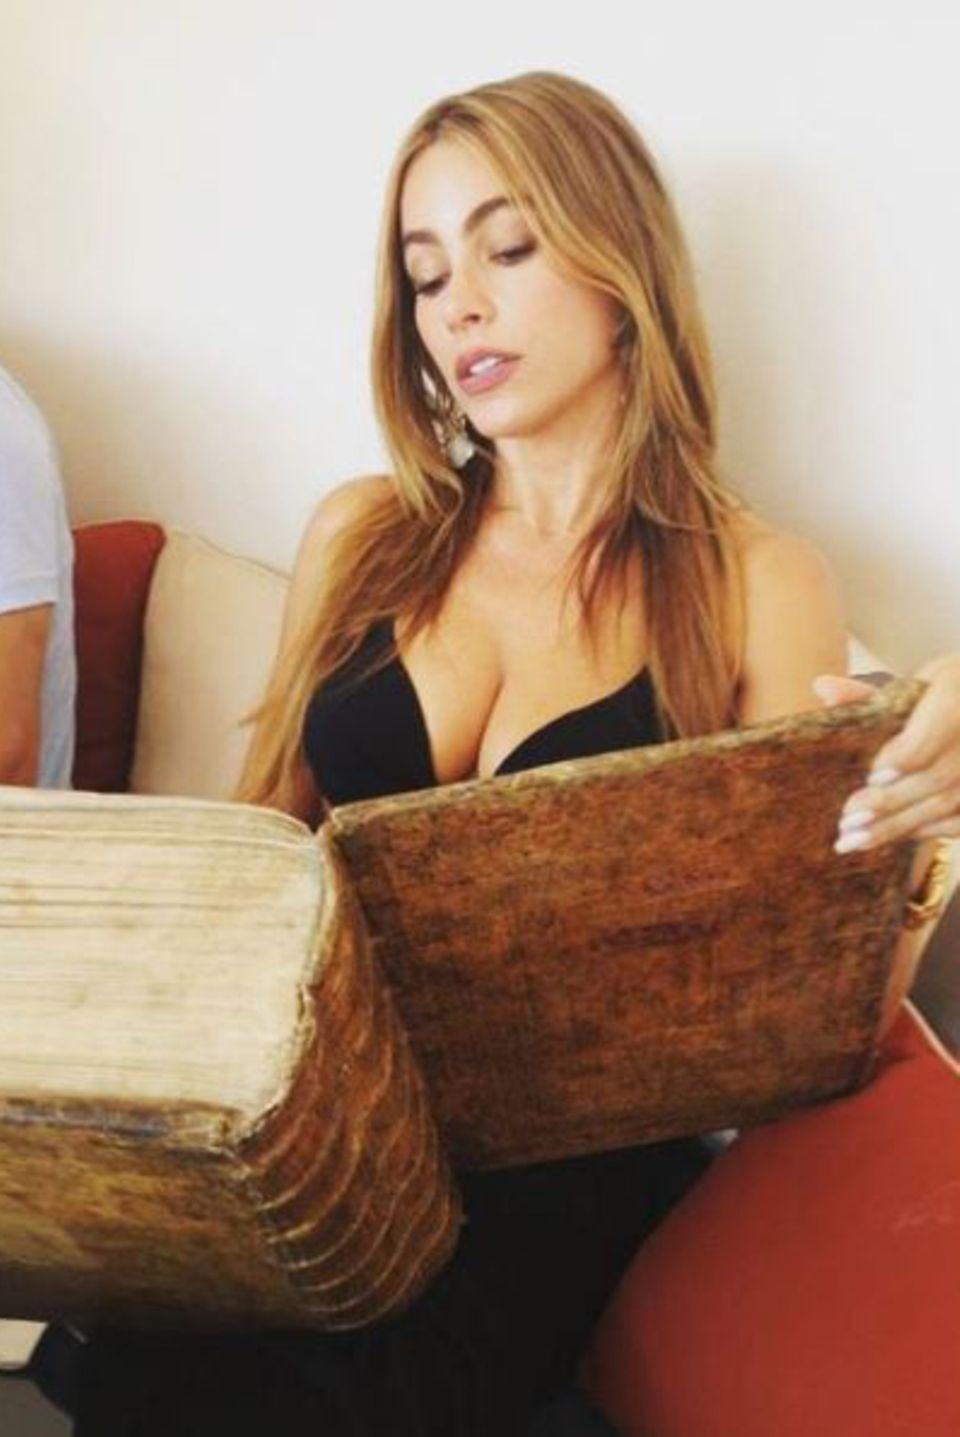 Leichte Urlaubslektüre: Schauspielerin Sofia Vergara scheint auf Mykonos ihr Lieblingsbuch gefunden zu haben.